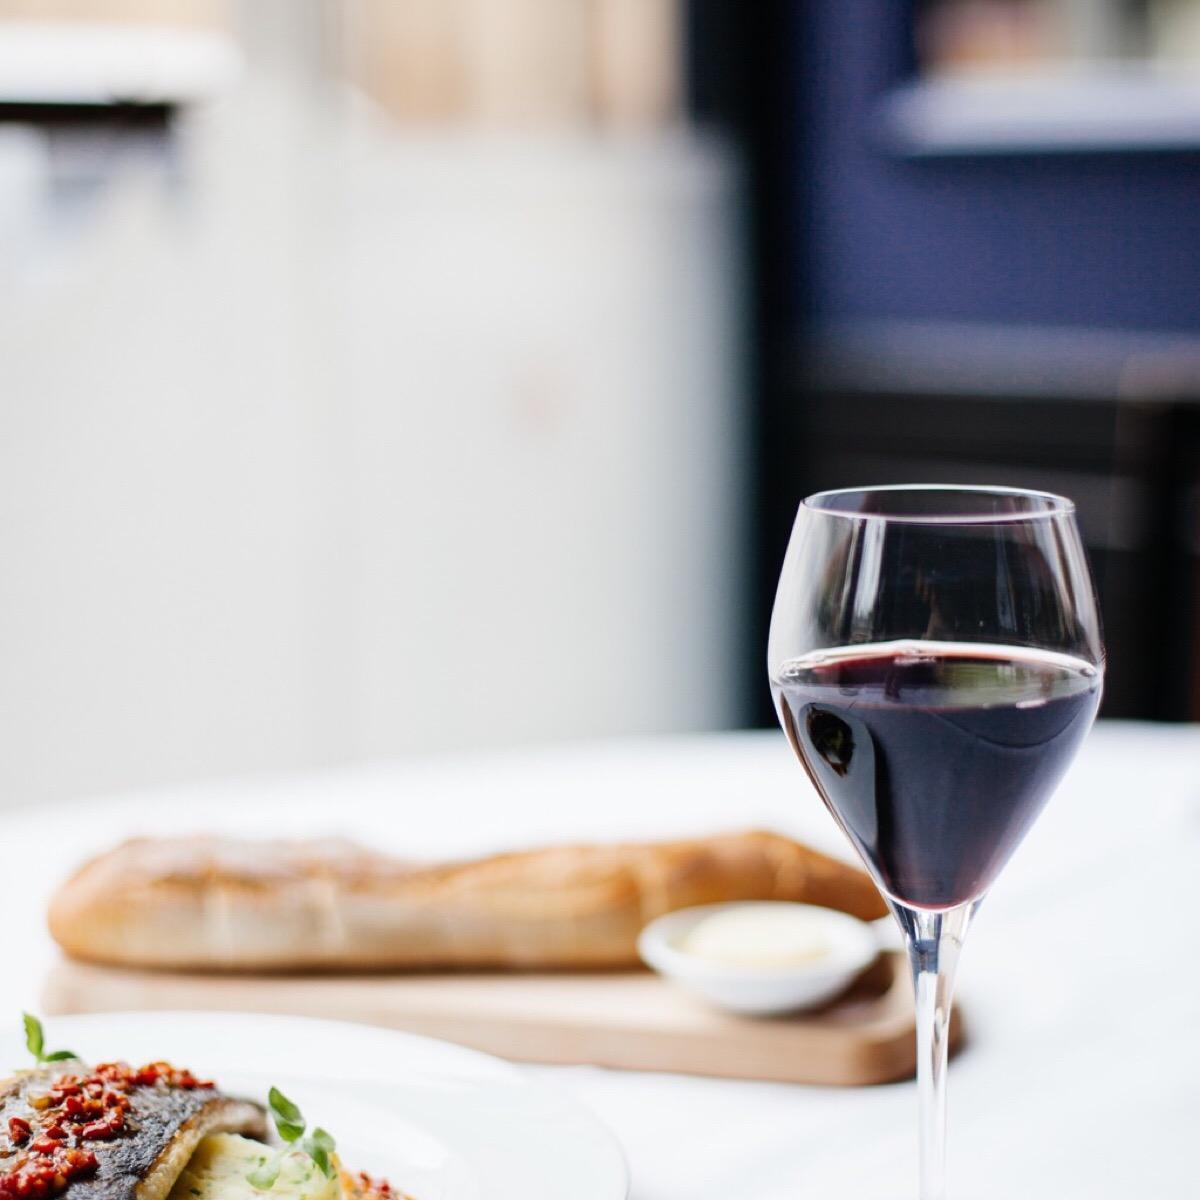 vino e pane enoteca puglia - salentodolcevita